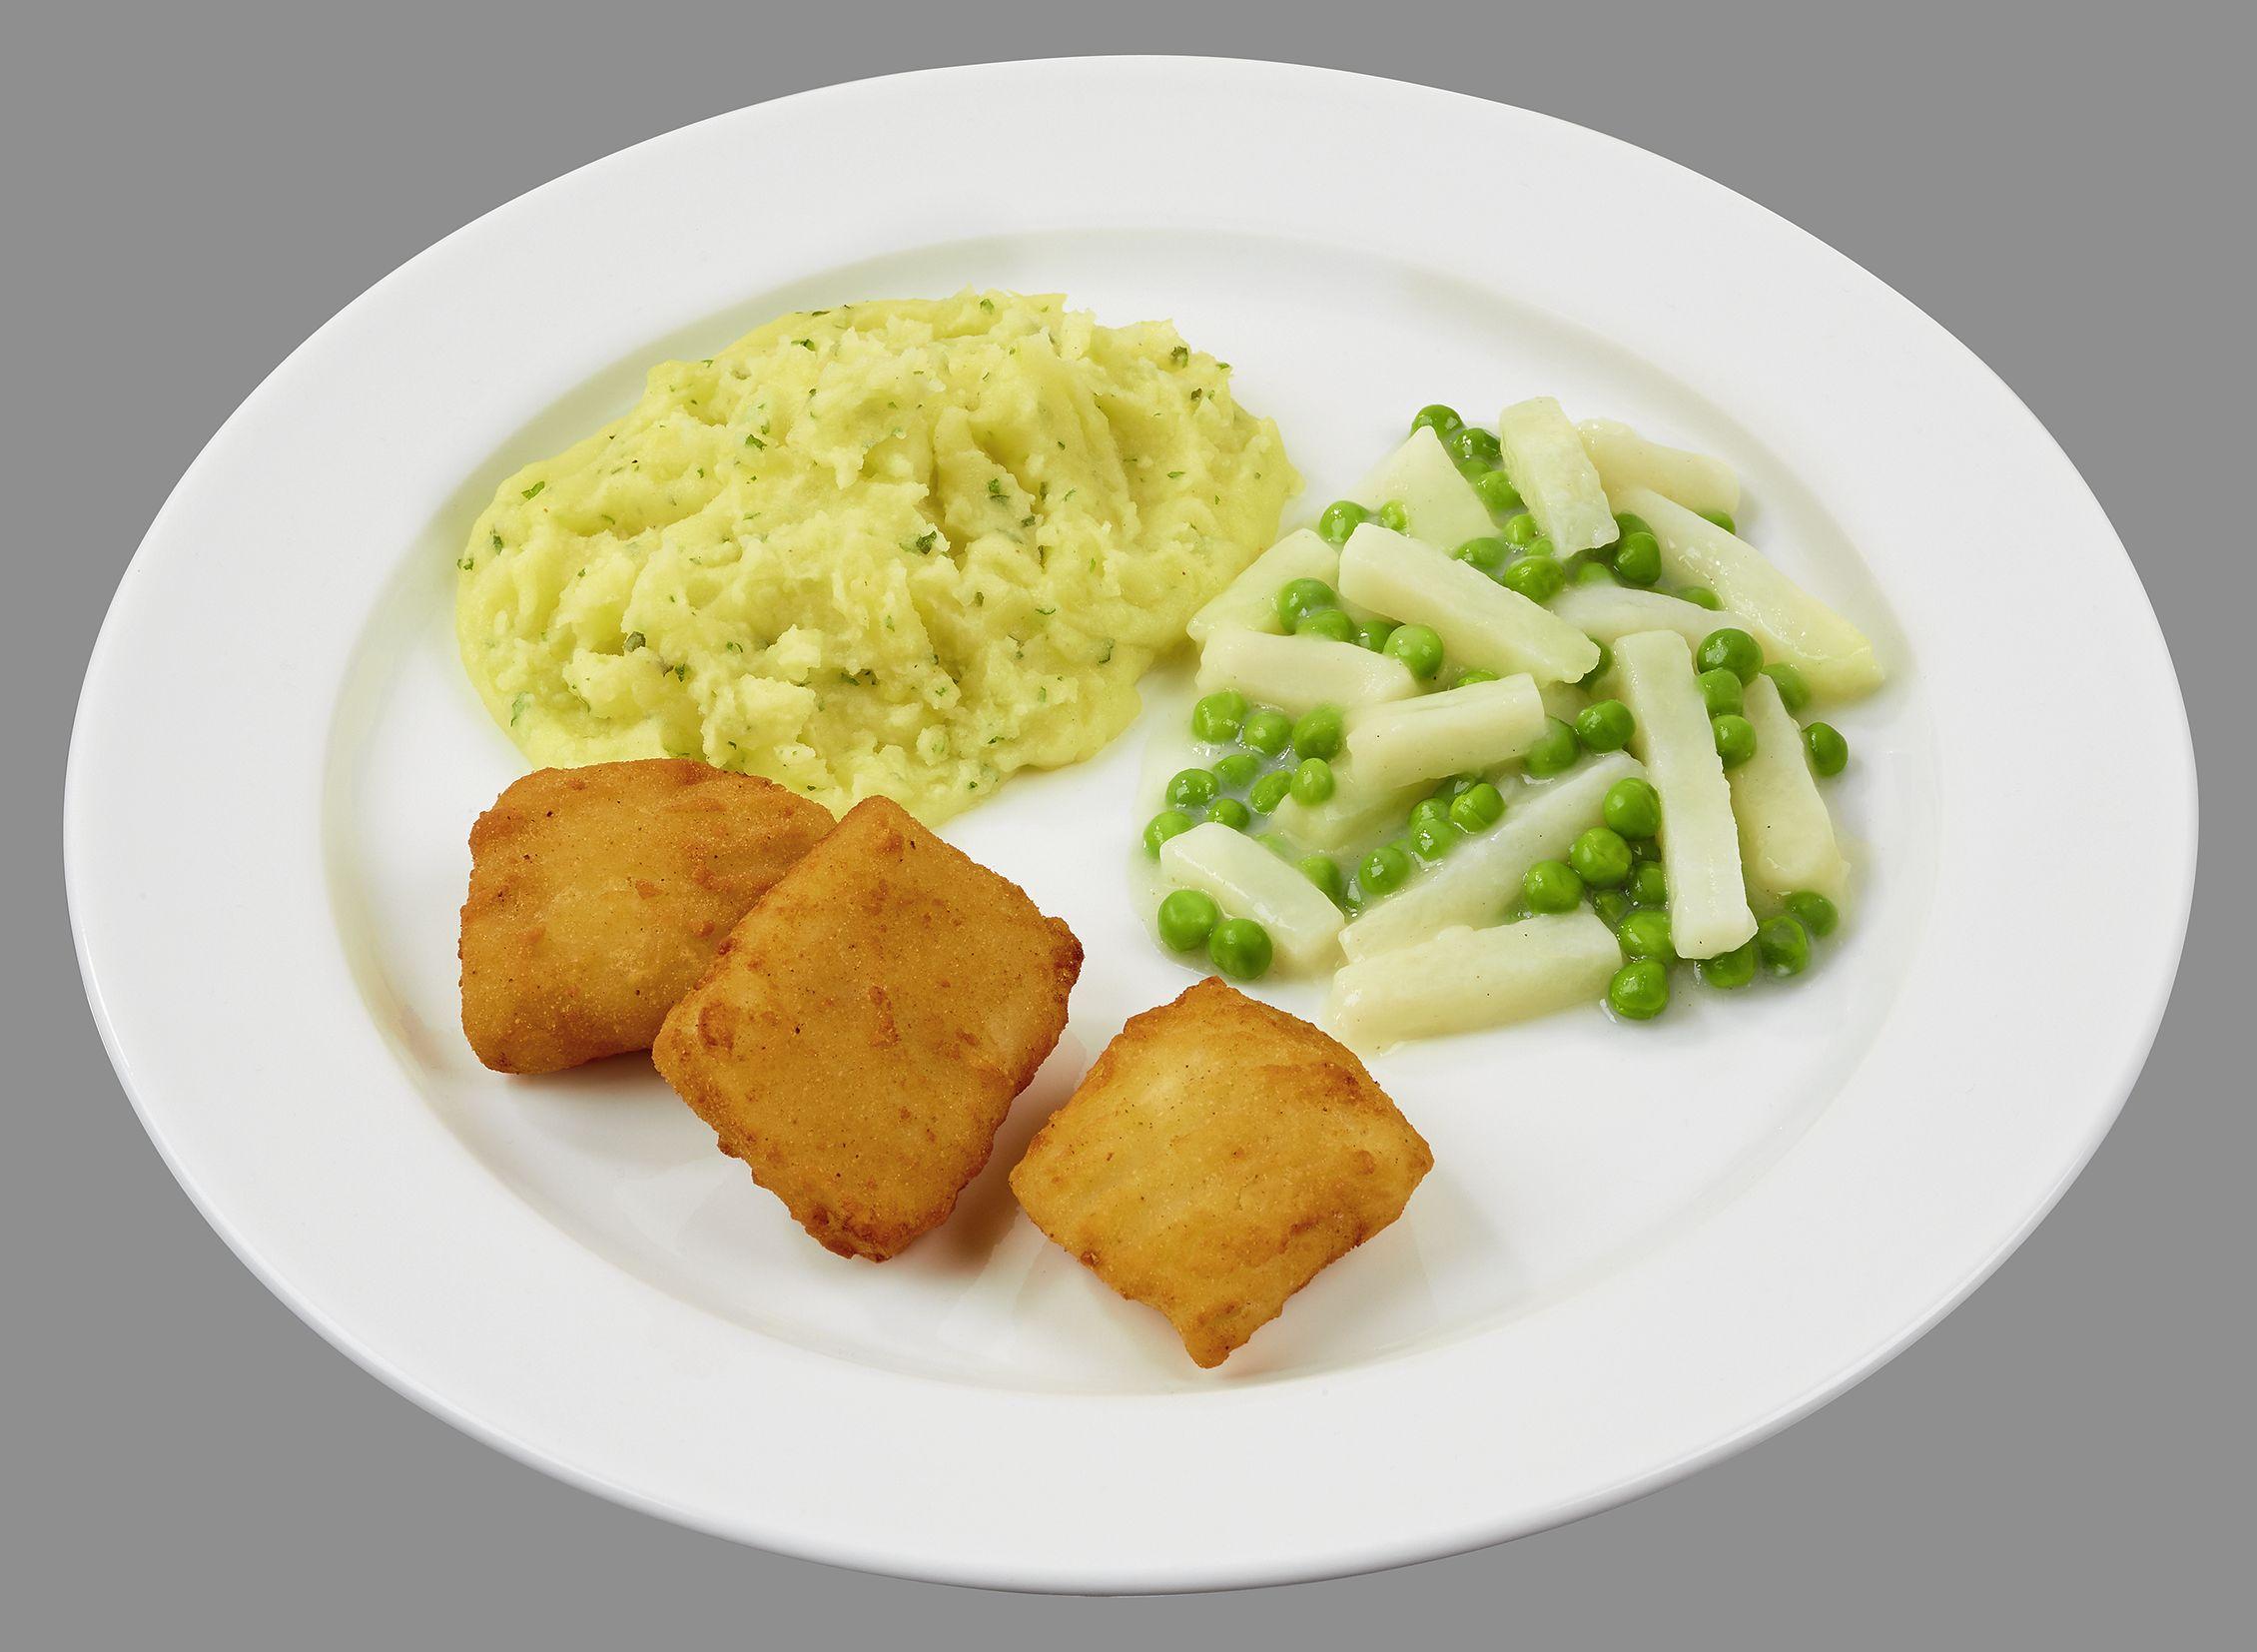 Gebackene Filetstücke vom Alaska-Seelachs, dazu Kohlrabi-Erbsen-Gemüse in cremiger Soße und Stampfkartoffeln